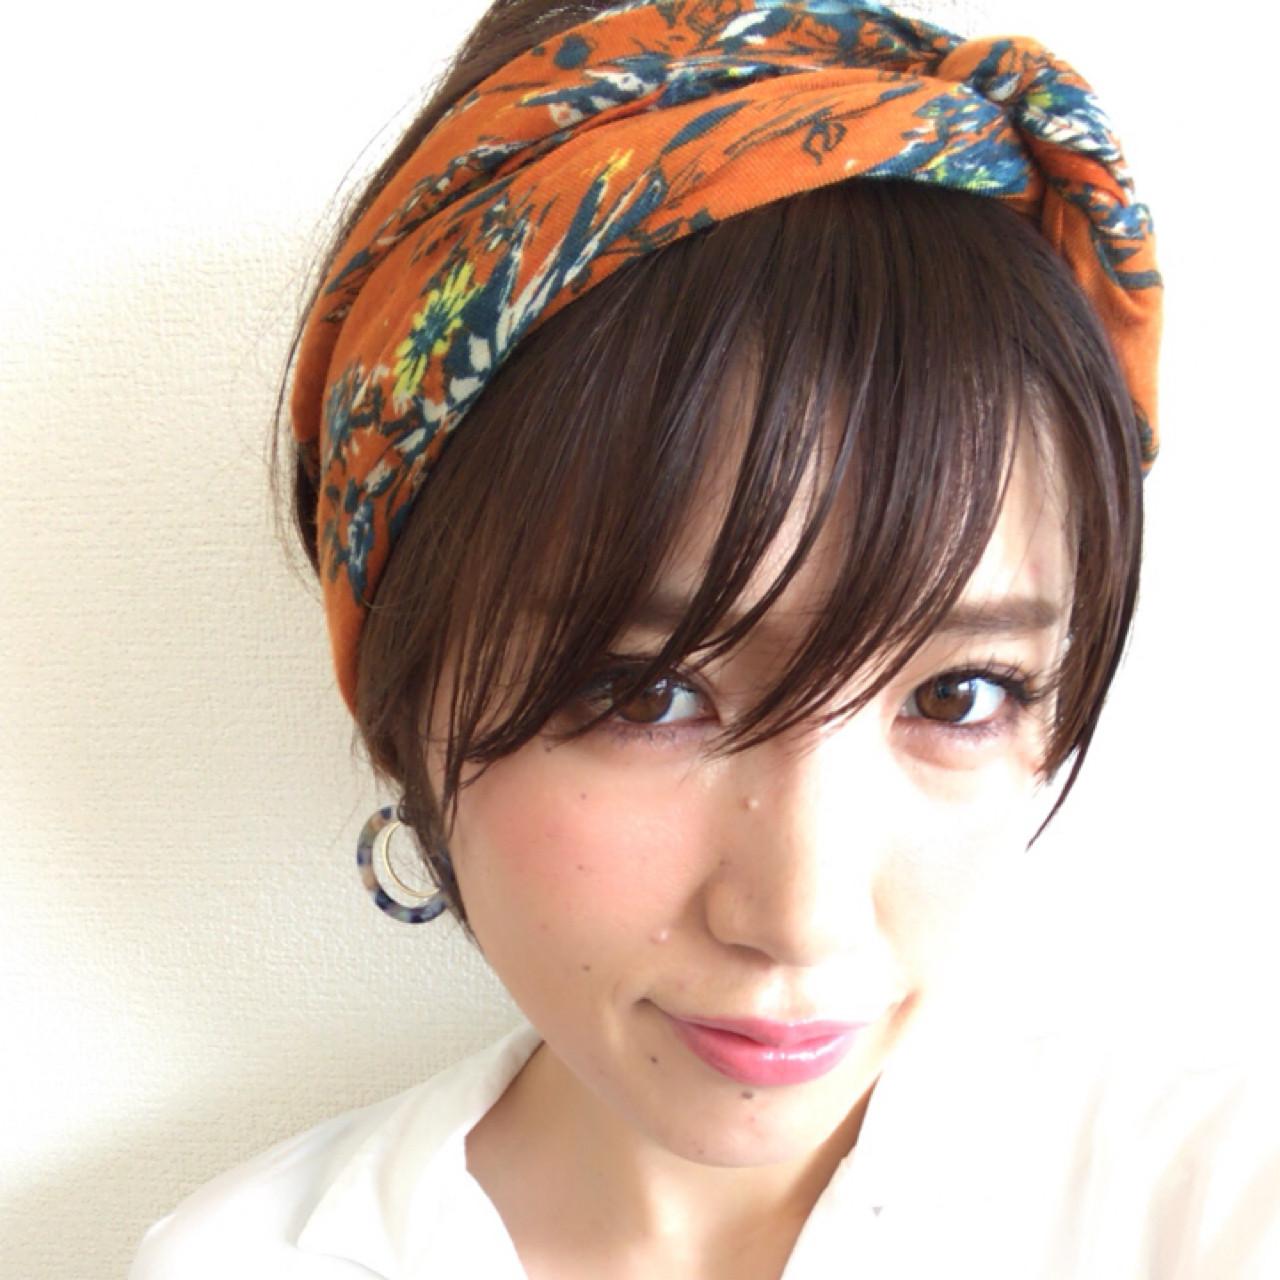 似合わせ こなれ感 大人女子 小顔 ヘアスタイルや髪型の写真・画像 | yuunn /